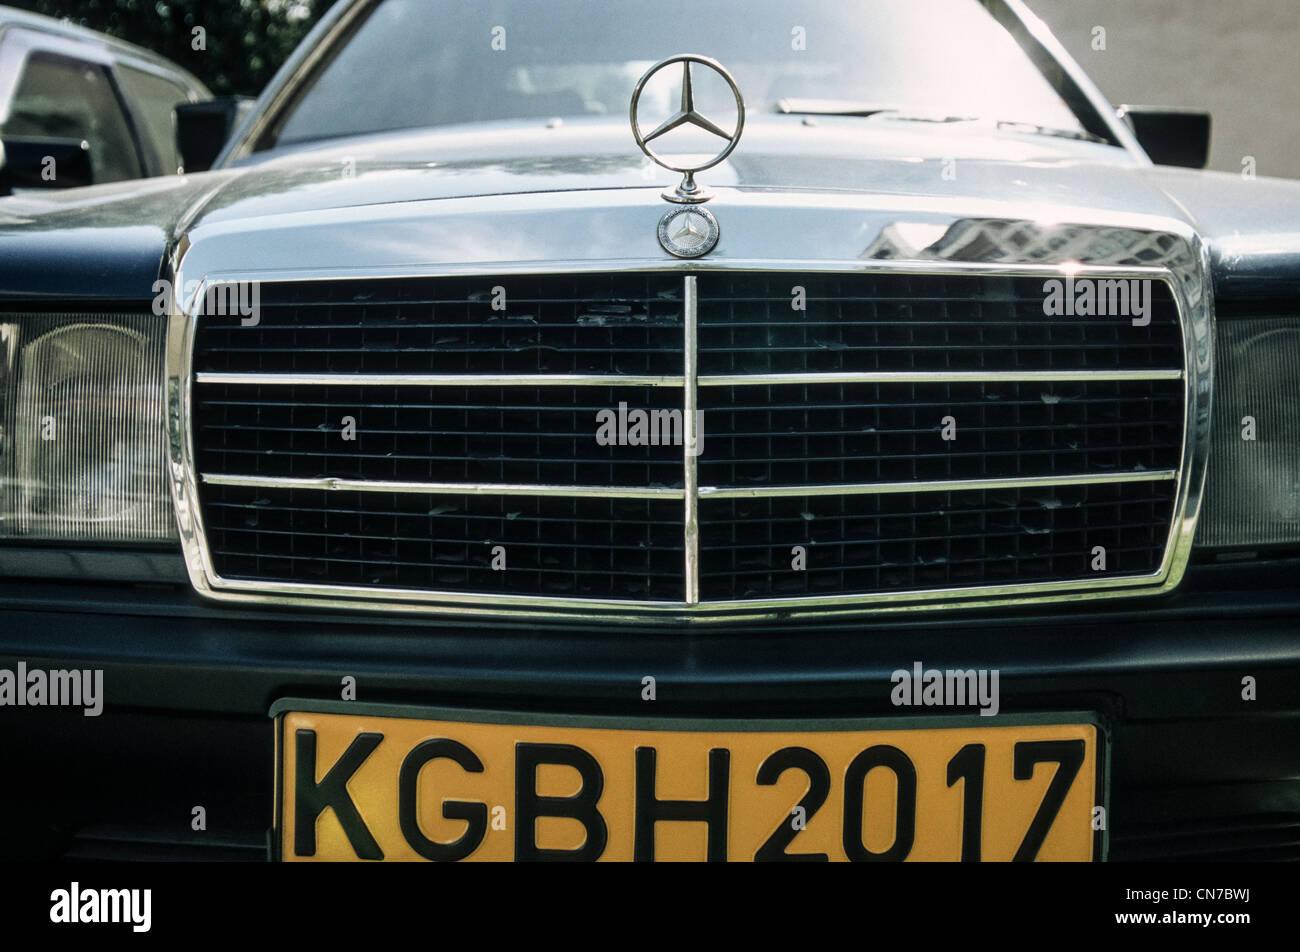 Mercedes-Benz Pkw mit KGB-Kfz-Kennzeichen, Bischkek, Kirgisistan ...